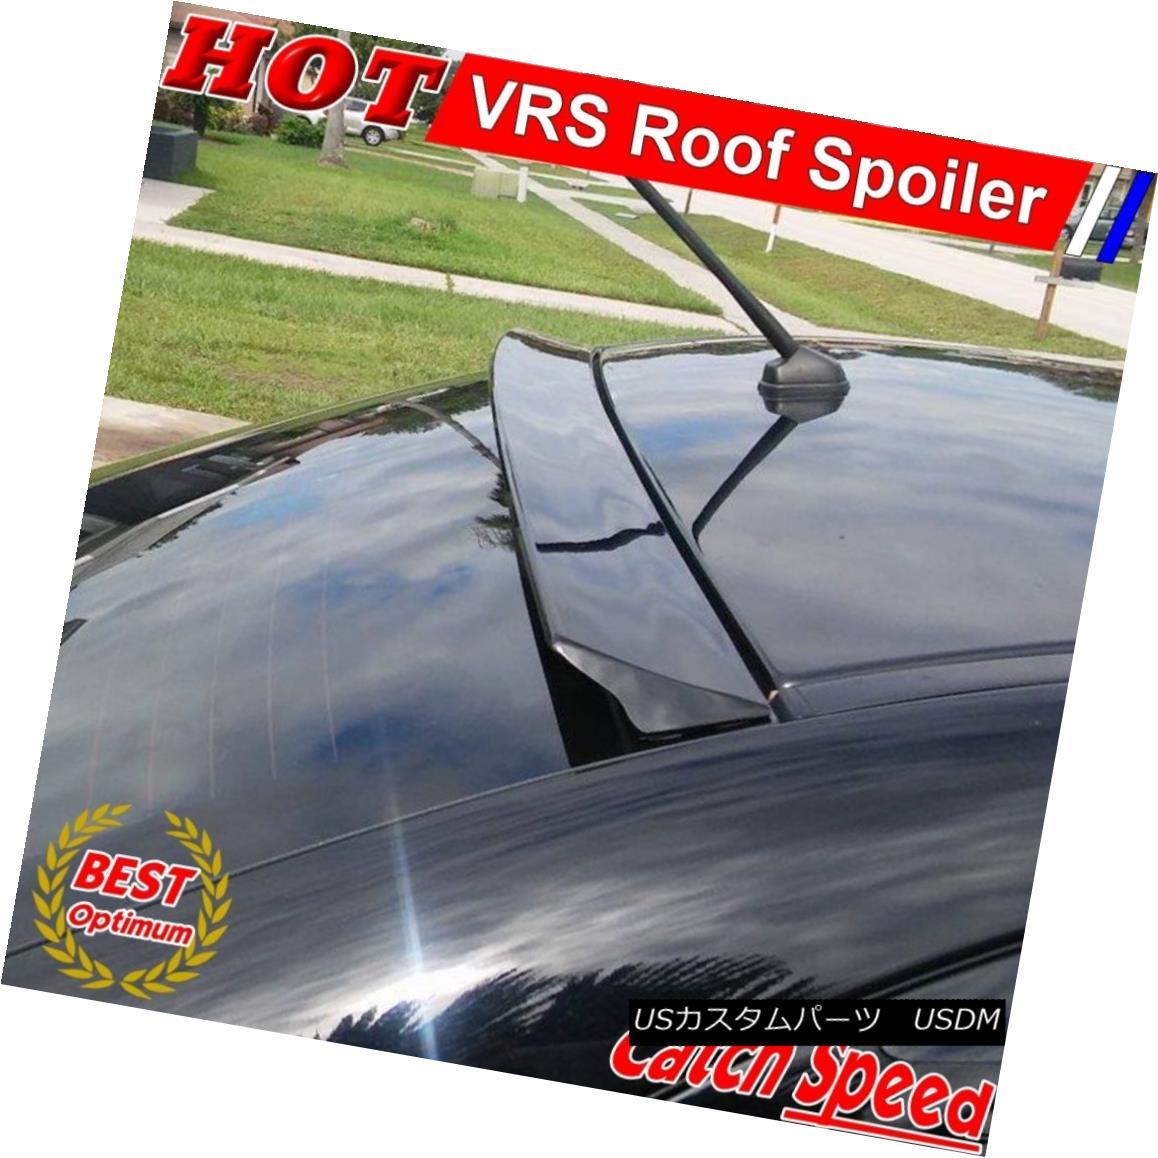 エアロパーツ Painted VRS Style Rear Wing Roof Spoiler For NISSAN Sentra B17 SEDAN 2013~2017 日産セントラB17 SEDAN 2013?2017用VRSスタイルのリアウィングルーフスポイラーを塗装